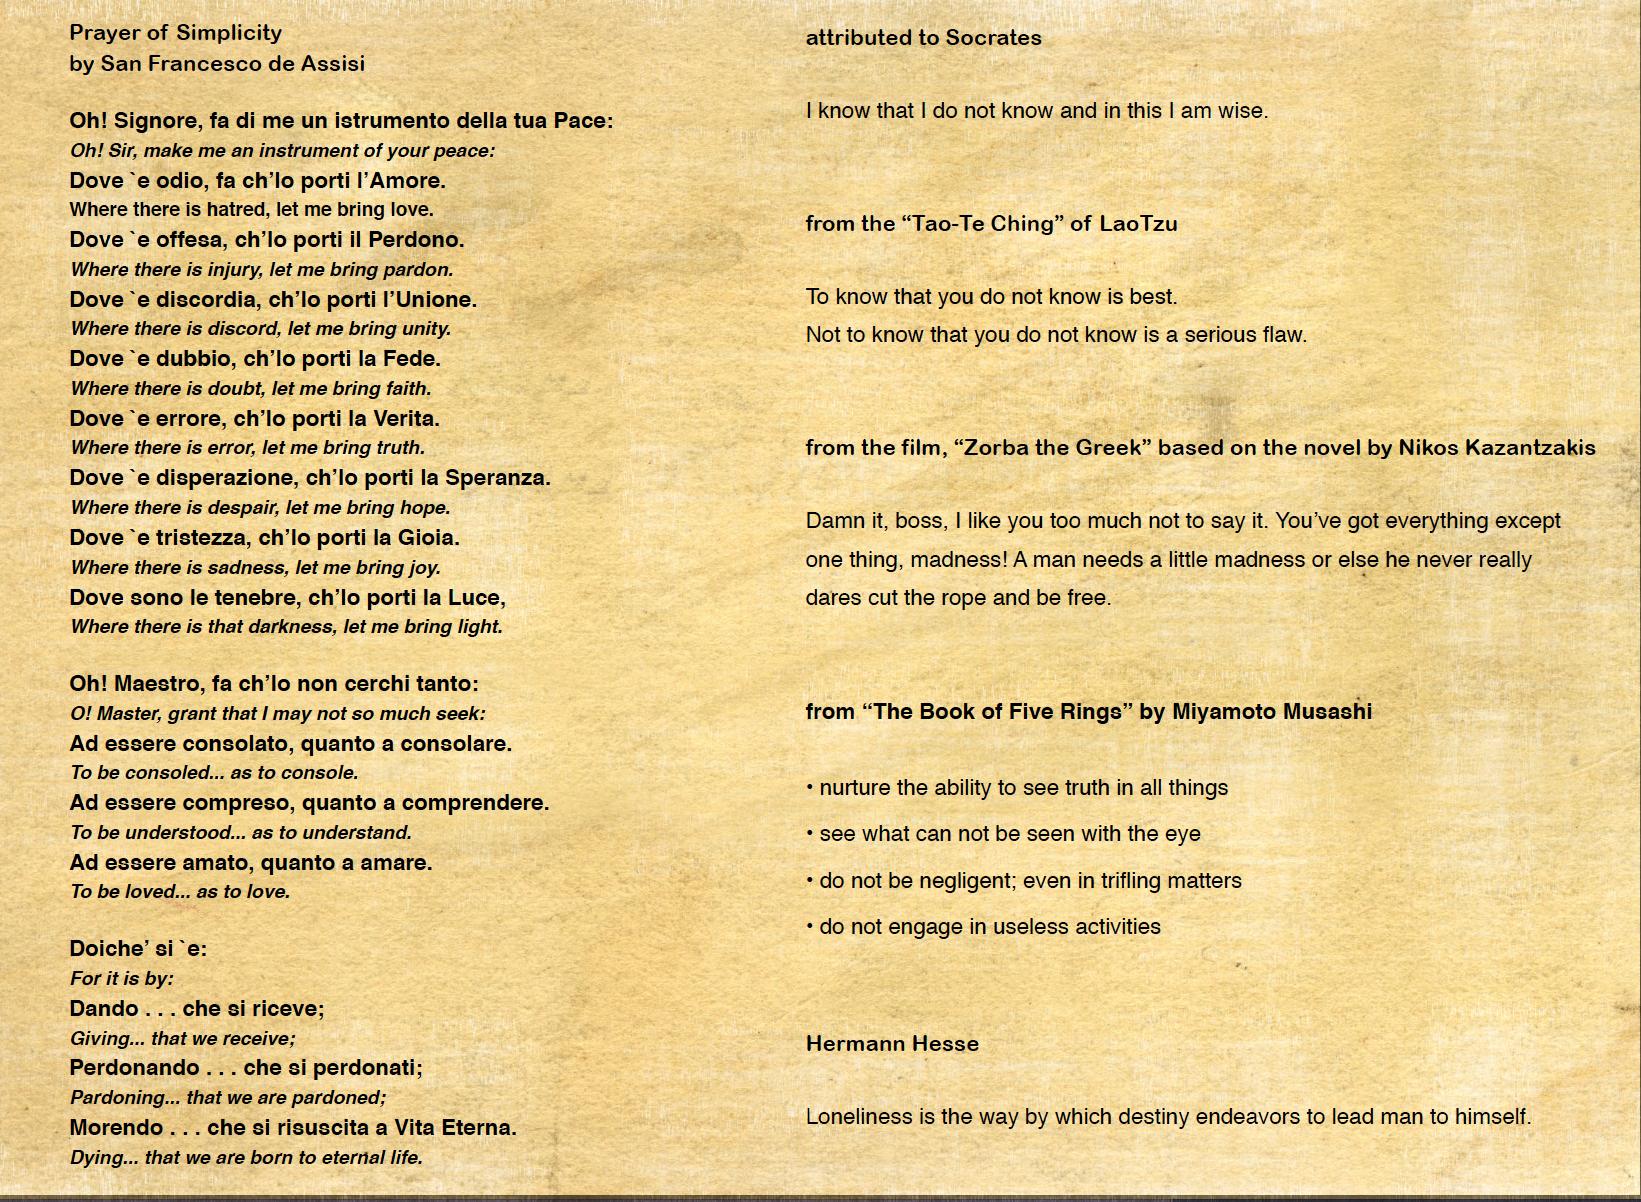 30 St. Francis-Socrates-Lao Tzu